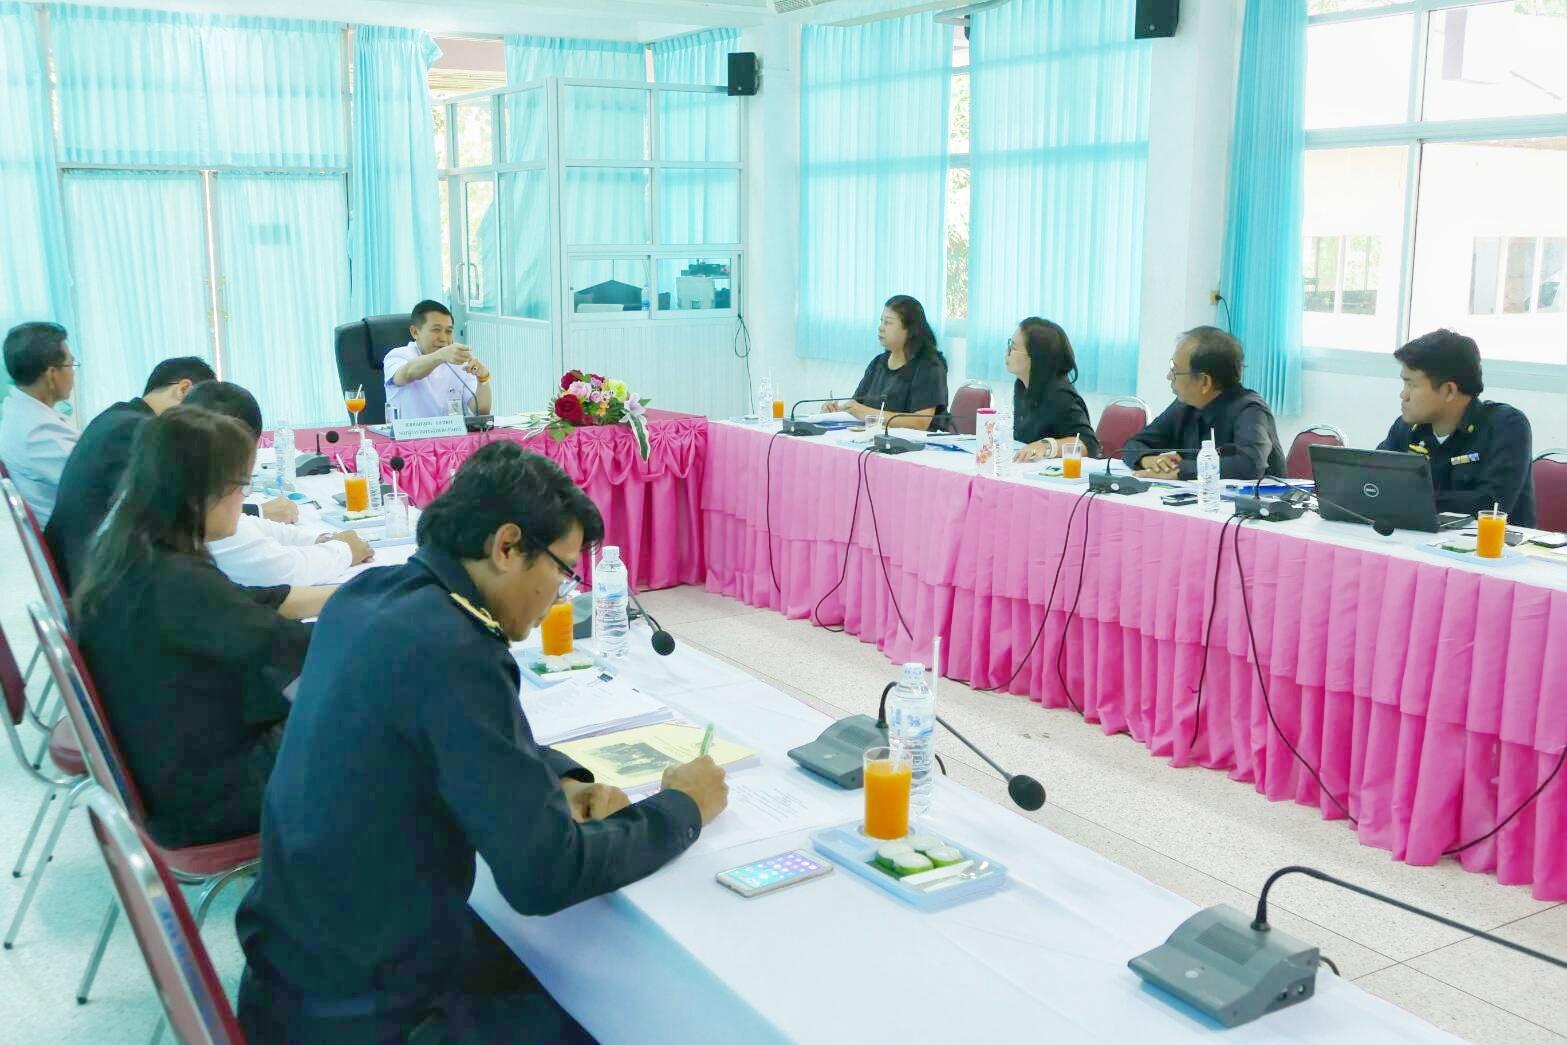 จัดหางานสุรินทร์ ร่วมประชุมหัวหน้าส่วนราชการกระทรวงแรงงานจังหวัดสุรินทร์ ครั้งที่ 3/2560